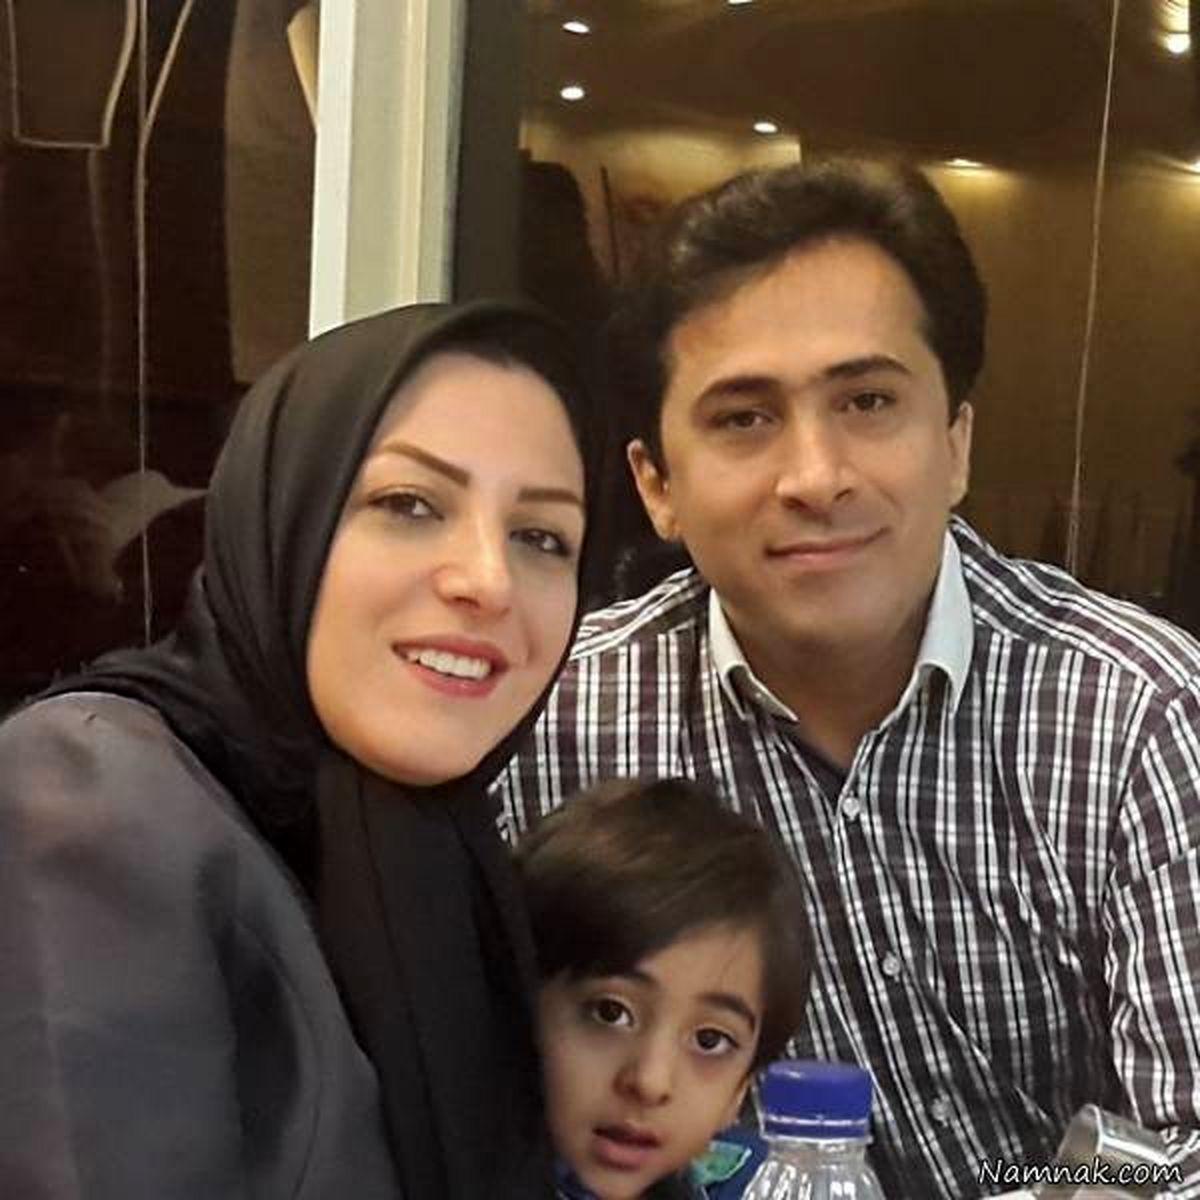 المیرا شریفی مقدم کیک تولد چند سالگی اش را فوت کرد؟